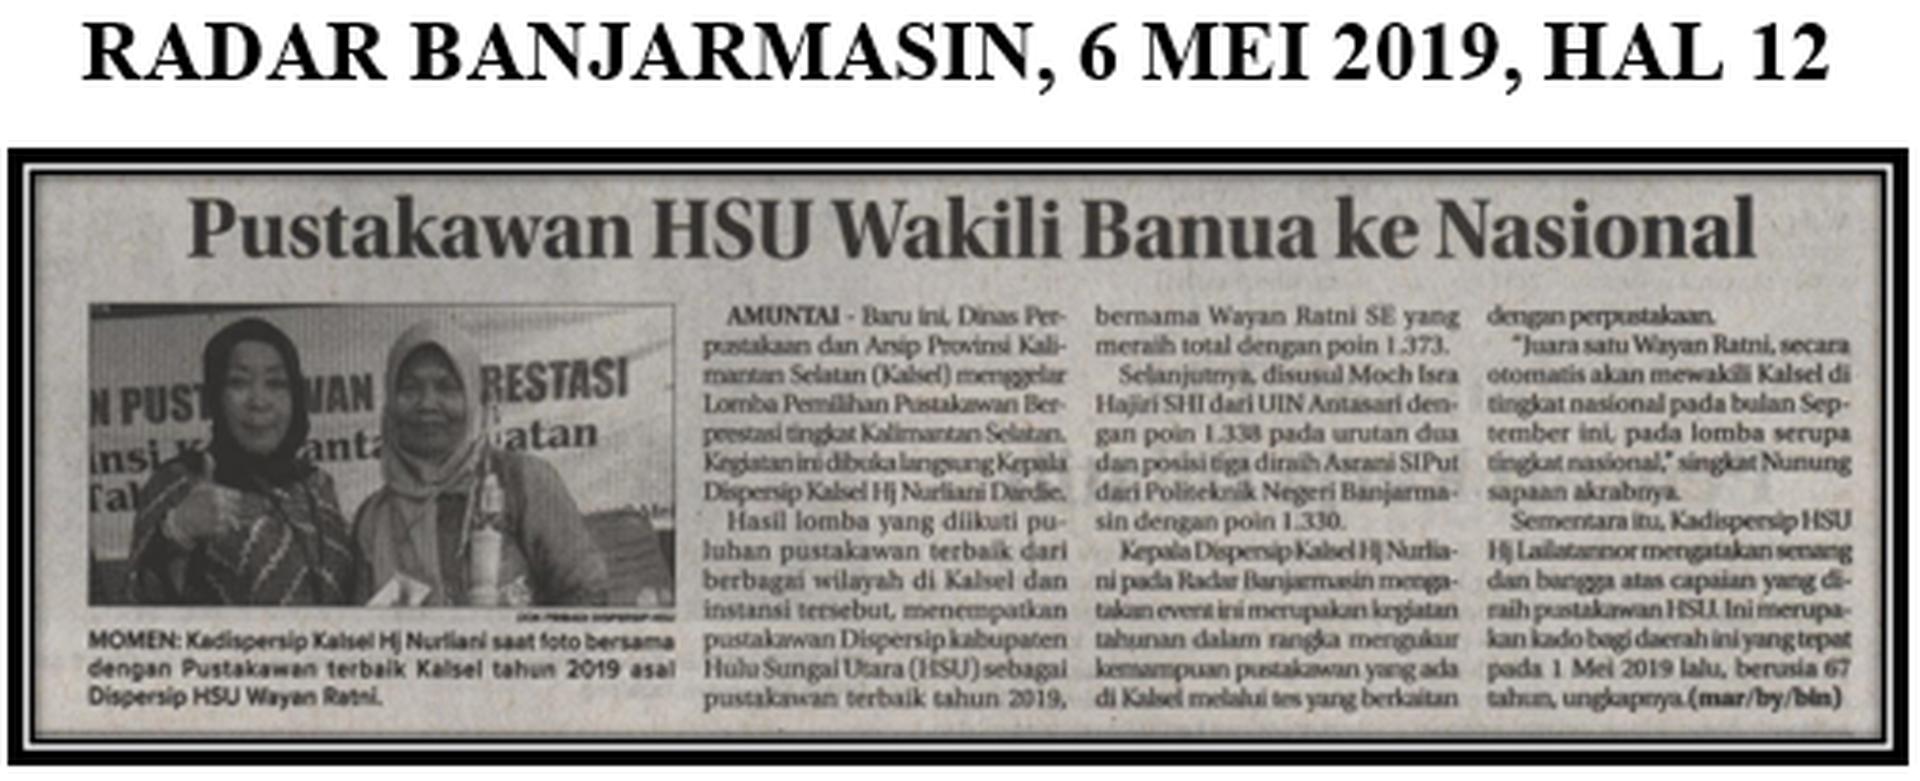 Pustakawan HSU Wakili Banua  ke Nasional